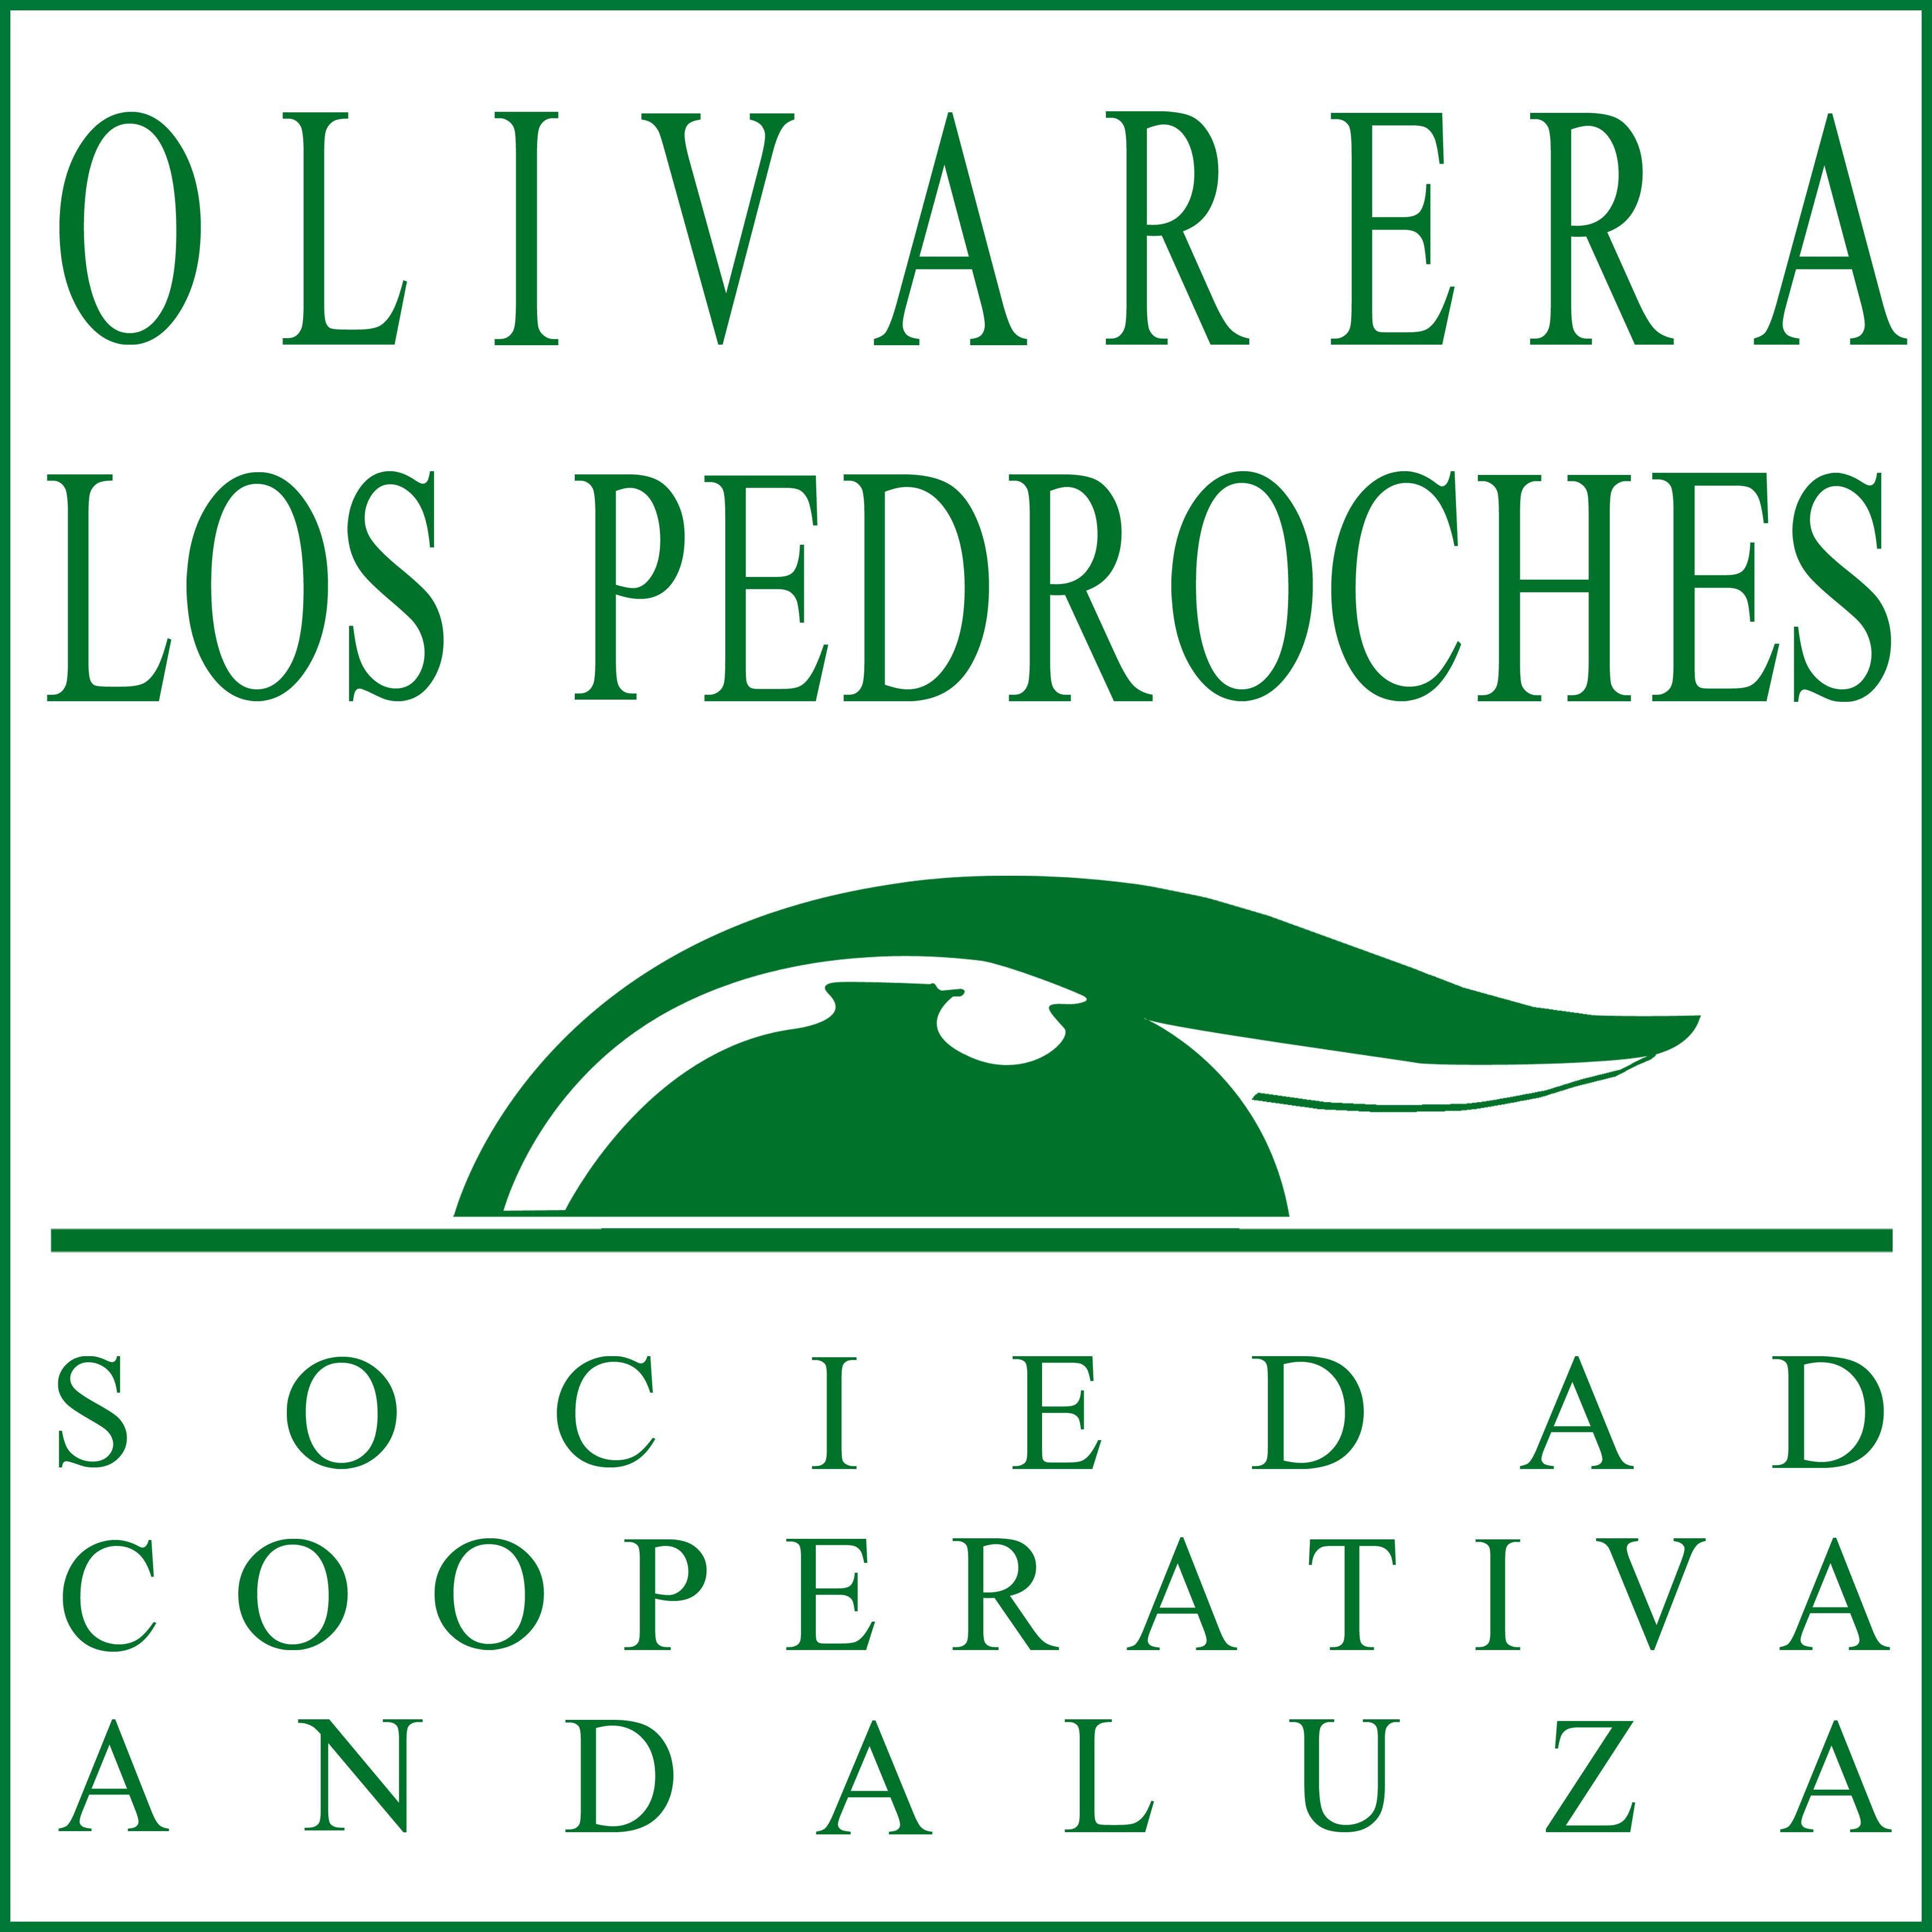 Olivarera Los Pedroches S.C.A.